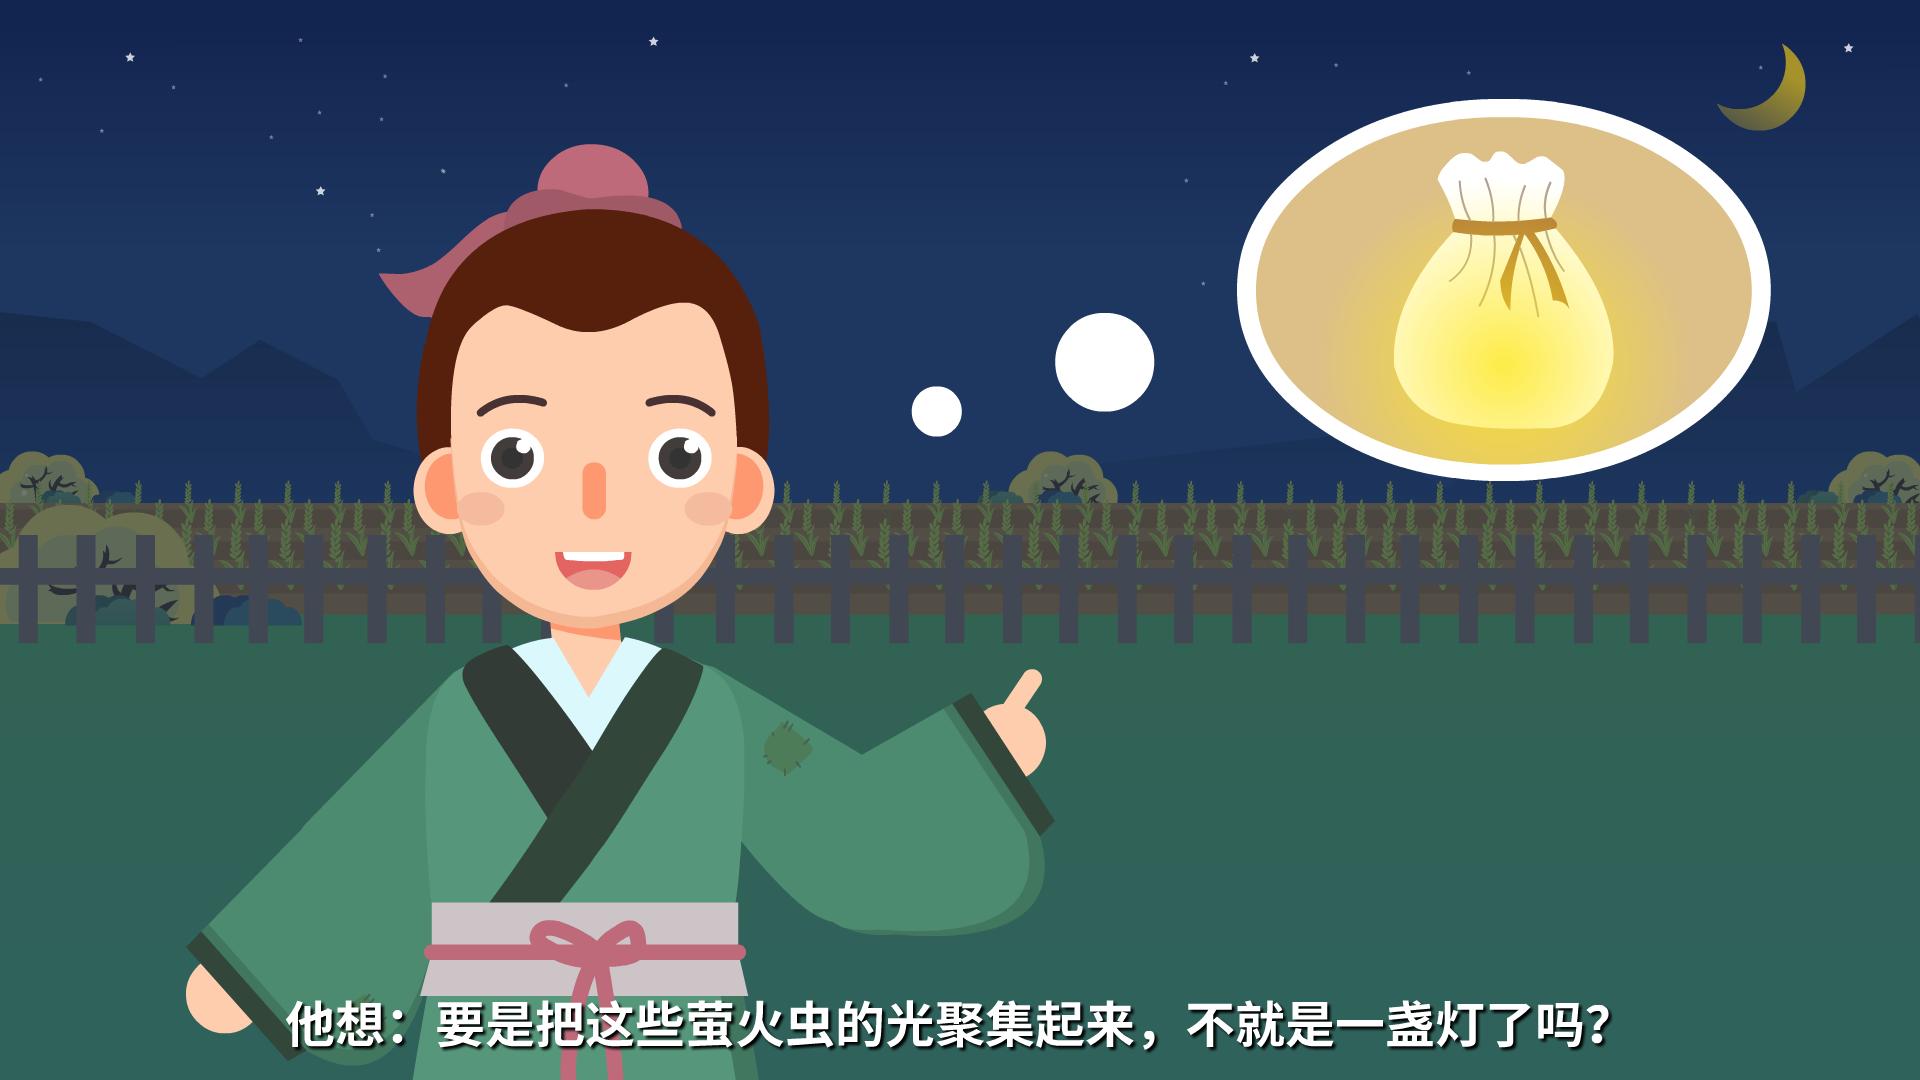 中国动漫游戏文化产业博览会即将在南昌举行